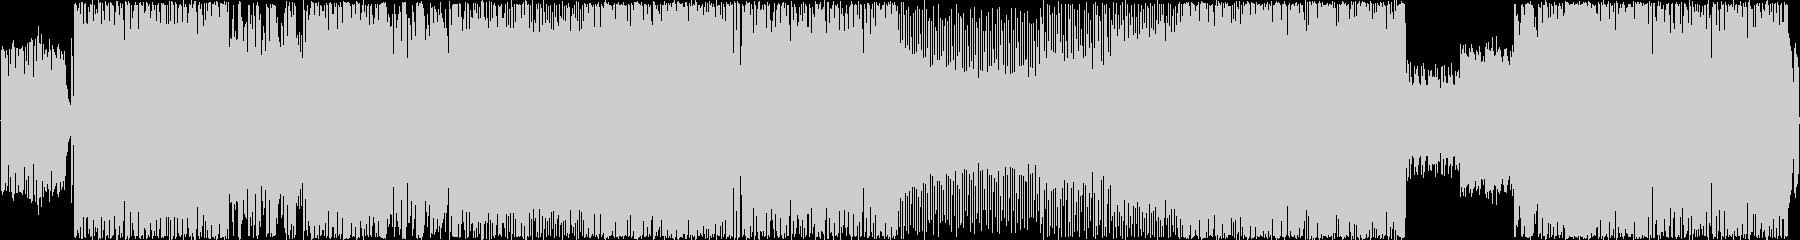 アップテンポなJ-ROCK風の楽曲の未再生の波形